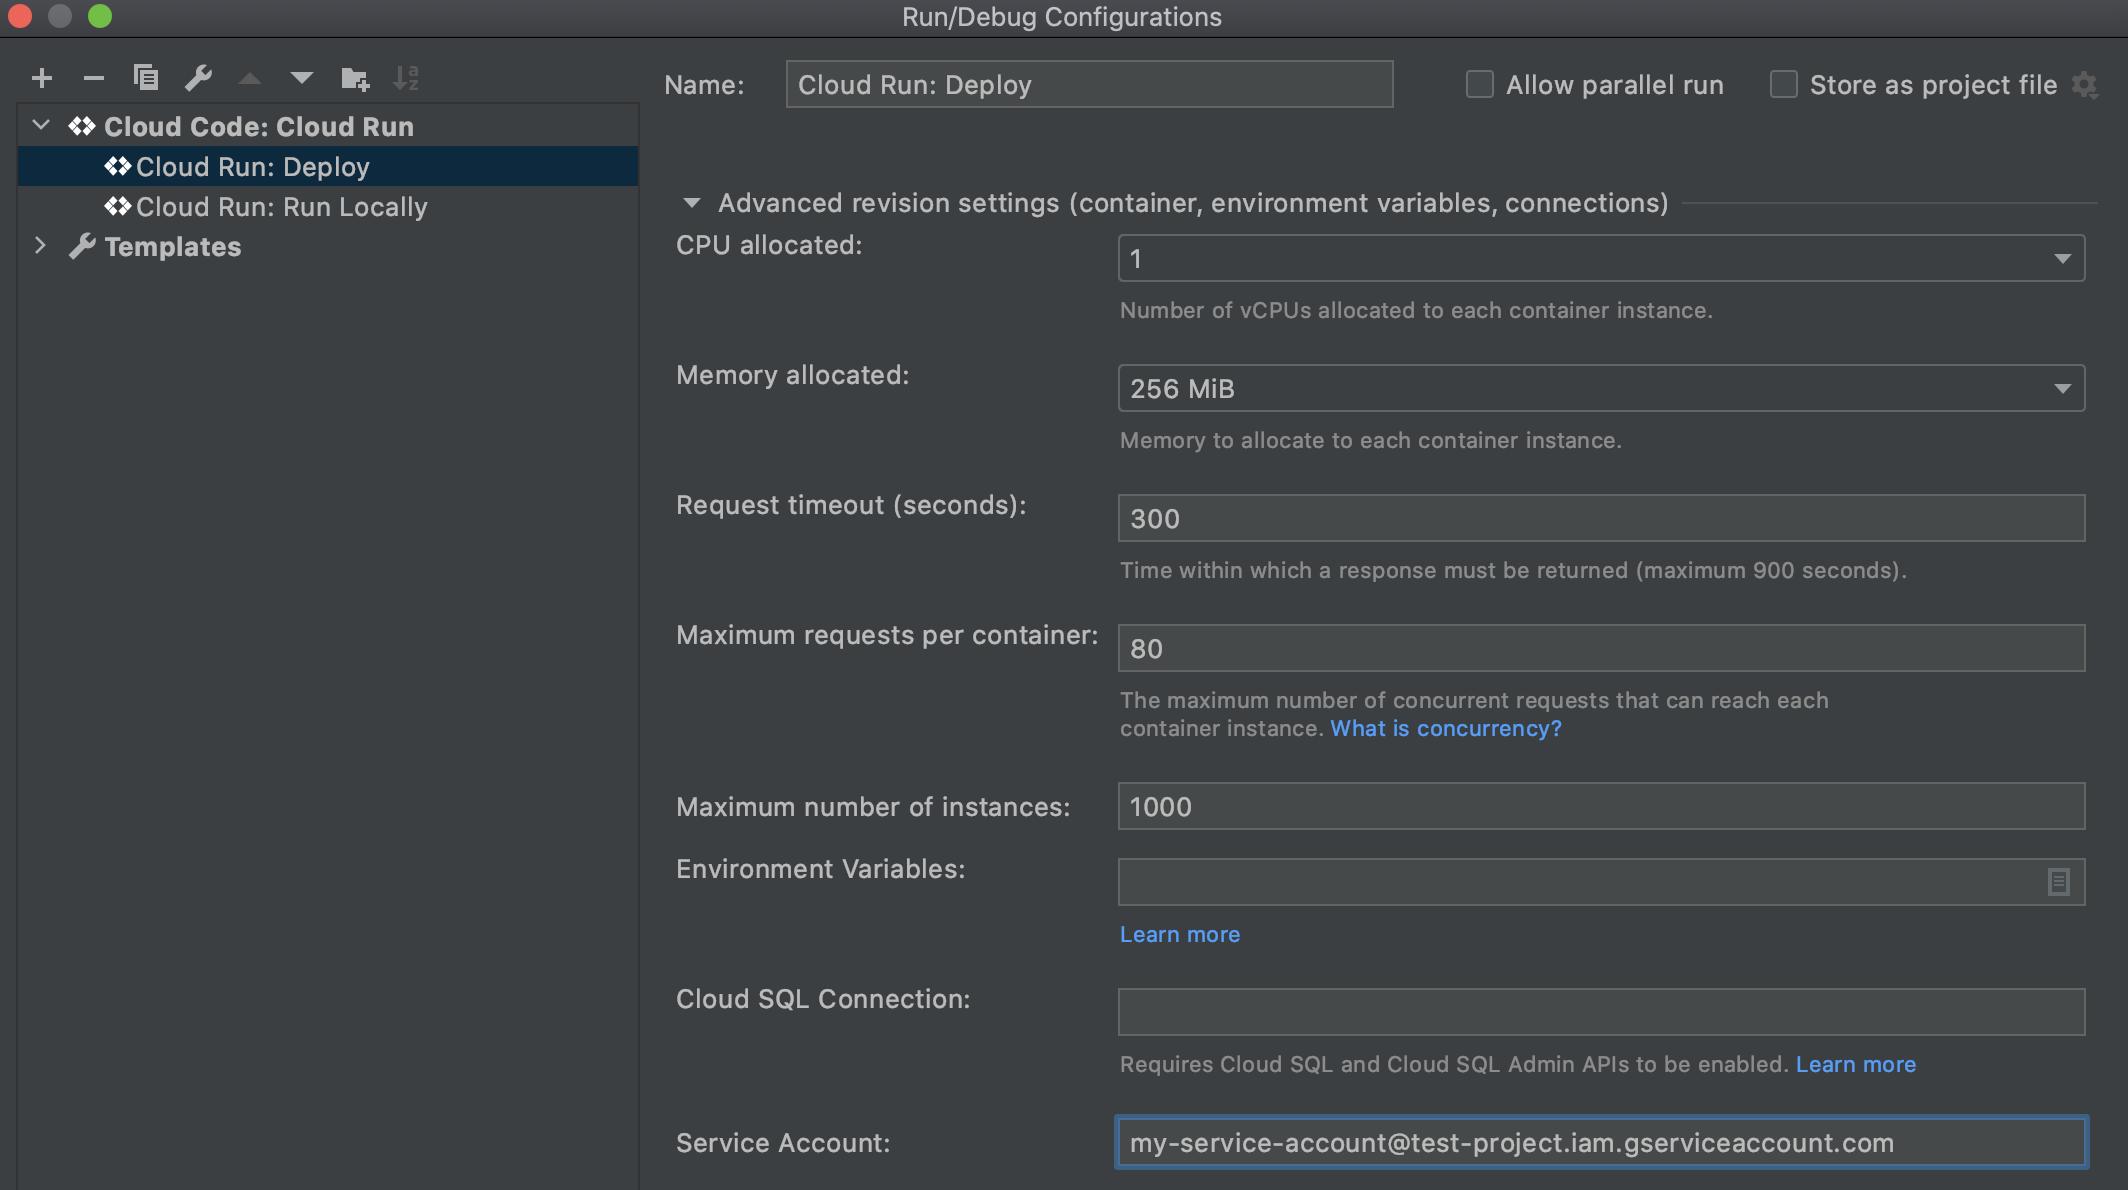 Sección de configuración avanzada de revisión expandida en CloudRun: campo de implementación y cuenta de servicio con el nombre de cuenta de servicio del formato service-account-name@project-name.iam.gserviceaccount.com